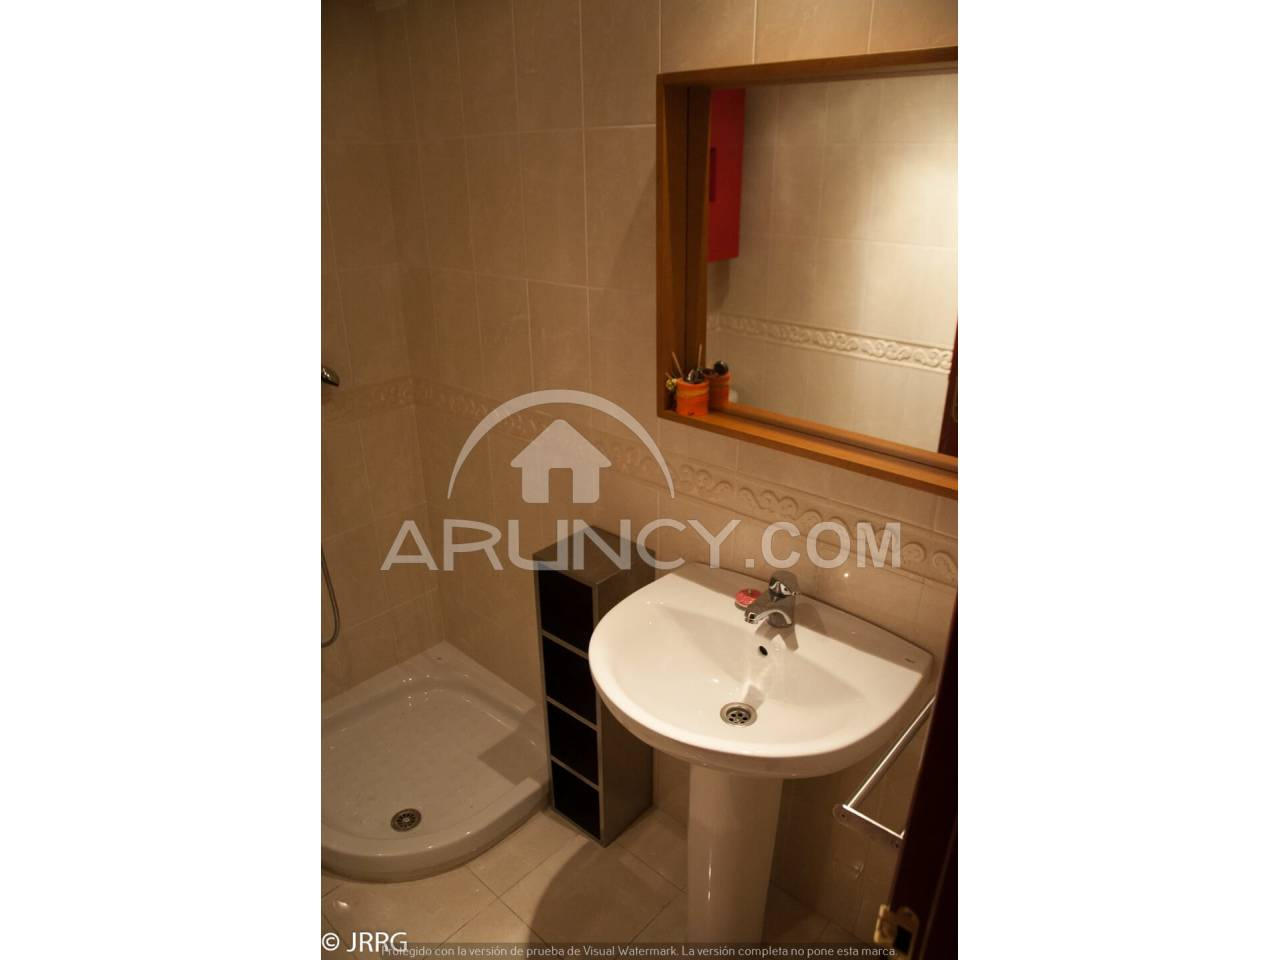 Piso en alquiler con 100 m2, 3 dormitorios  en Alcalá de Guadaíra, PAR